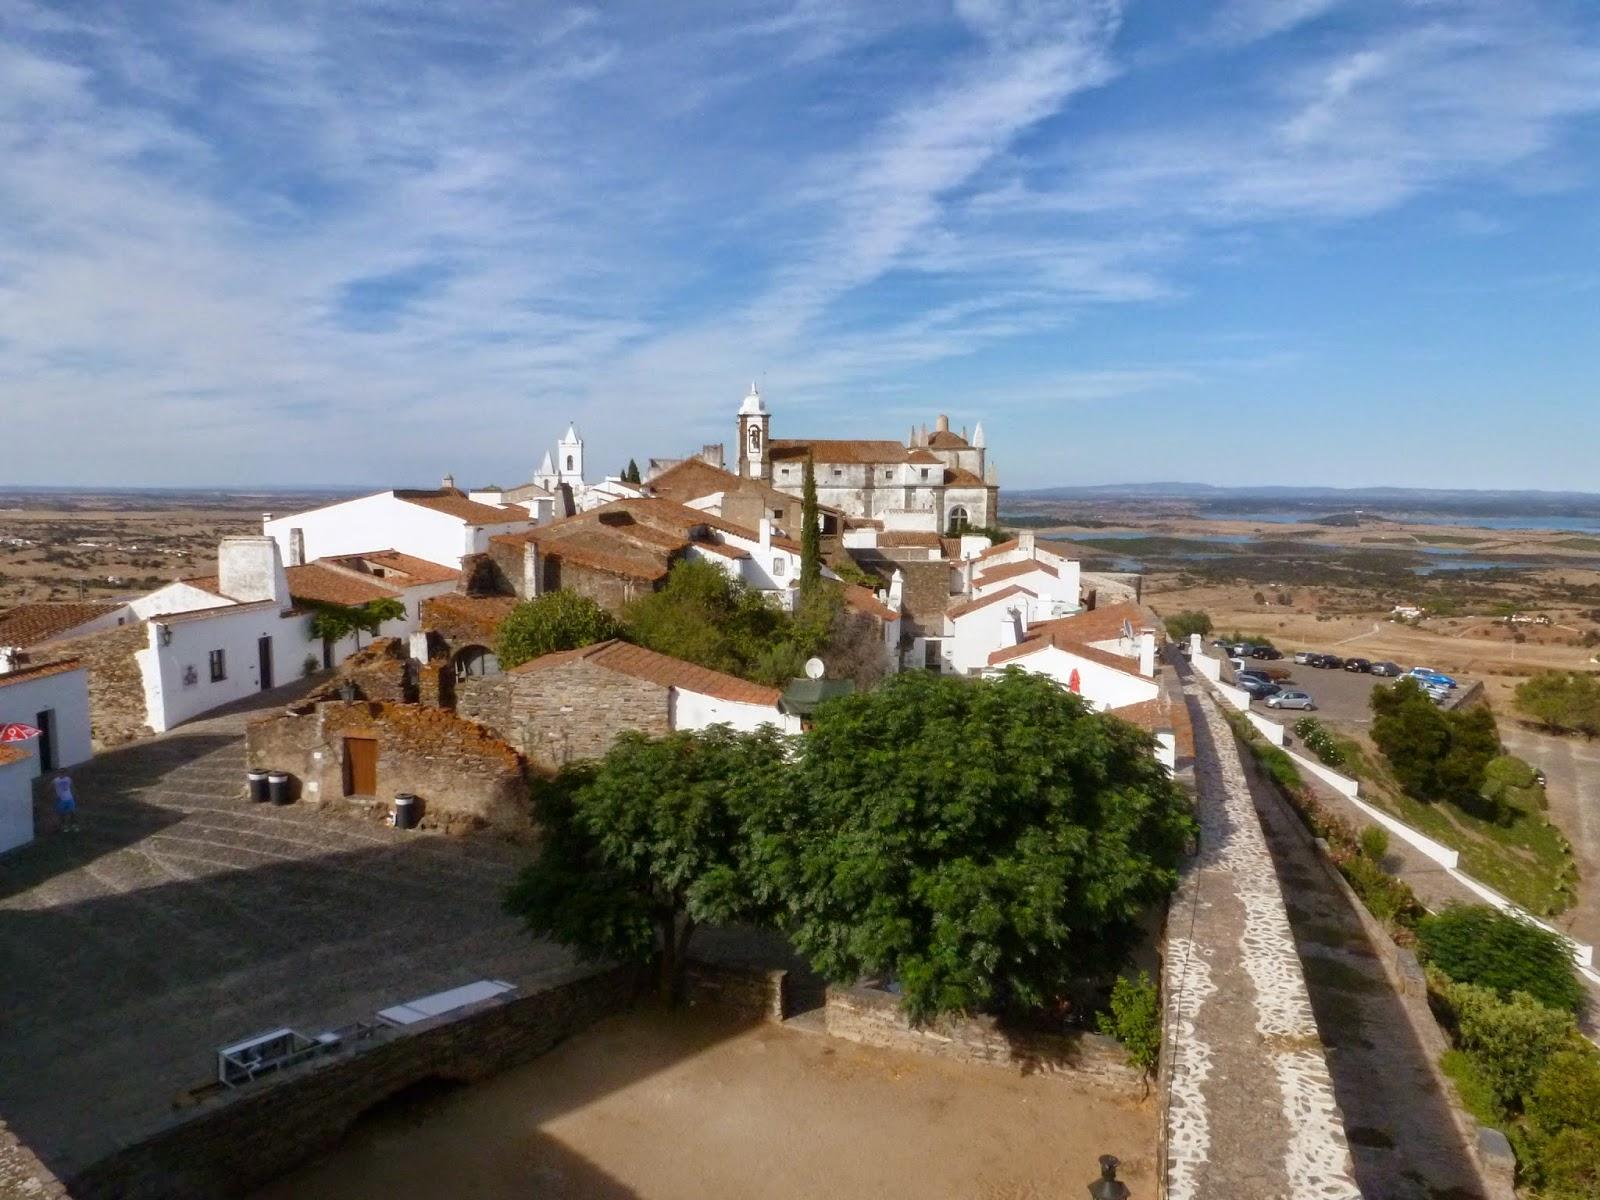 entramos a portugal por la frontera con extremadura y visitamos el alentejo pasando por elvas vora monsaraz beja y finalmente el algarve